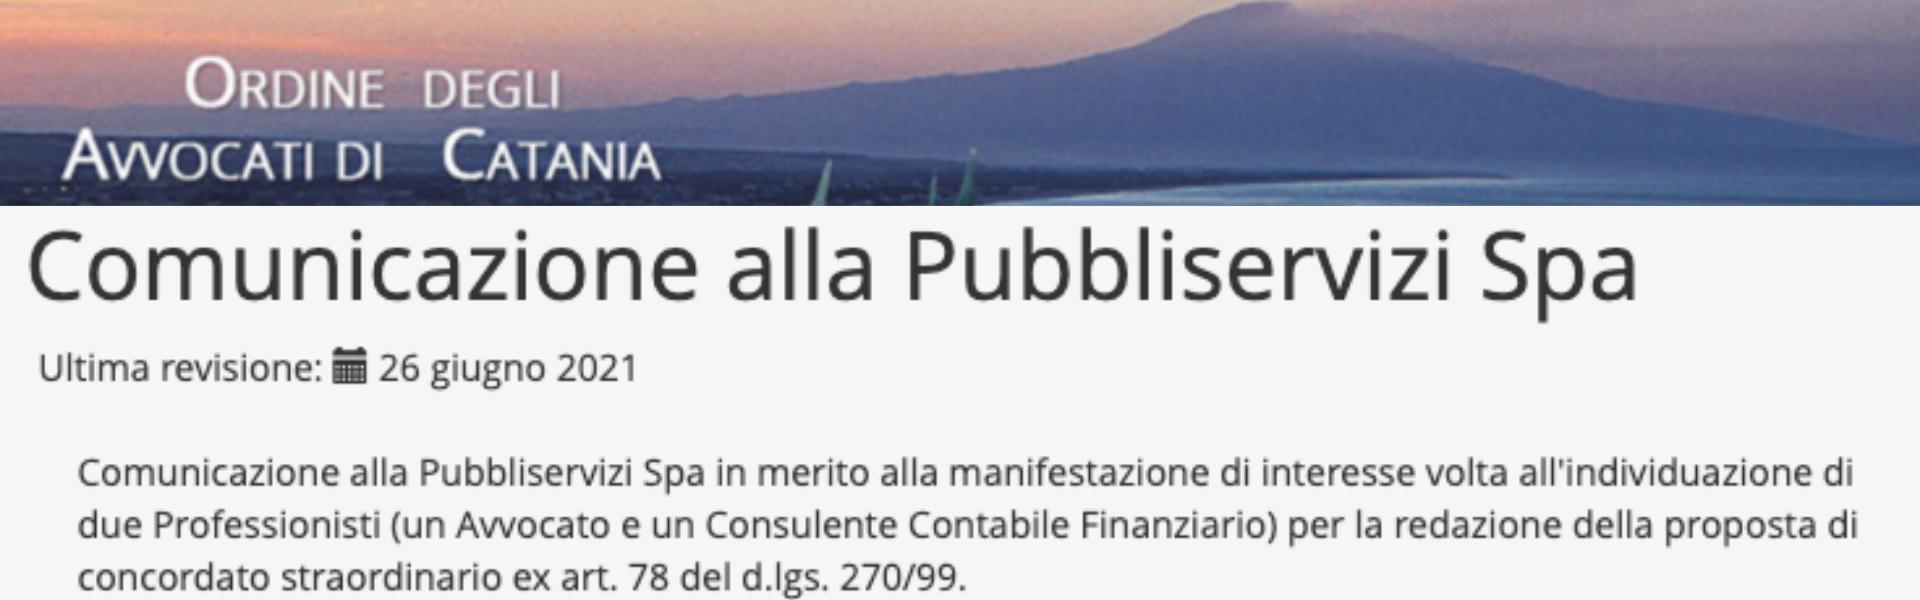 PUBBLISERVIZI: ma chi si porta a cena con i soldi della società pubblica quasi fallita il commissario ministeriale Maria Virginia Perazzoli?